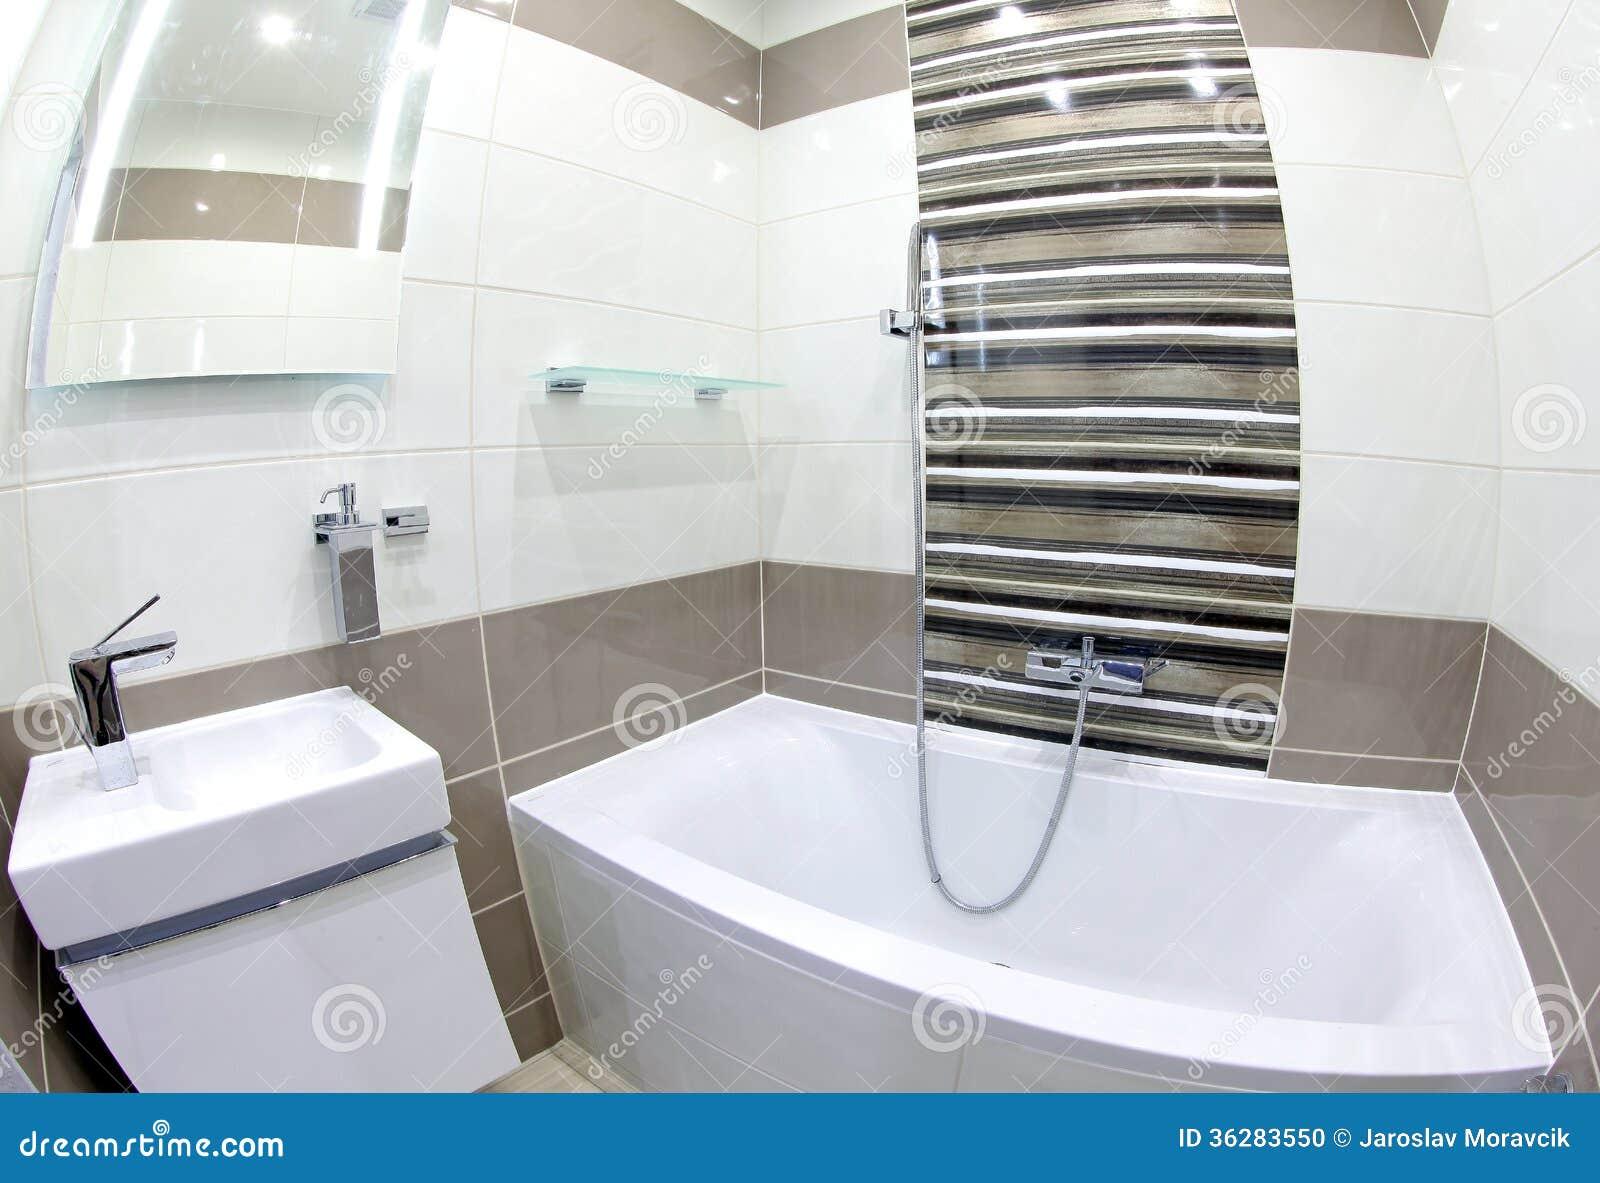 Banheiro Pequeno Moderno Foto de Stock  Imagem 36283550 -> Banheiro Pequeno E Moderno